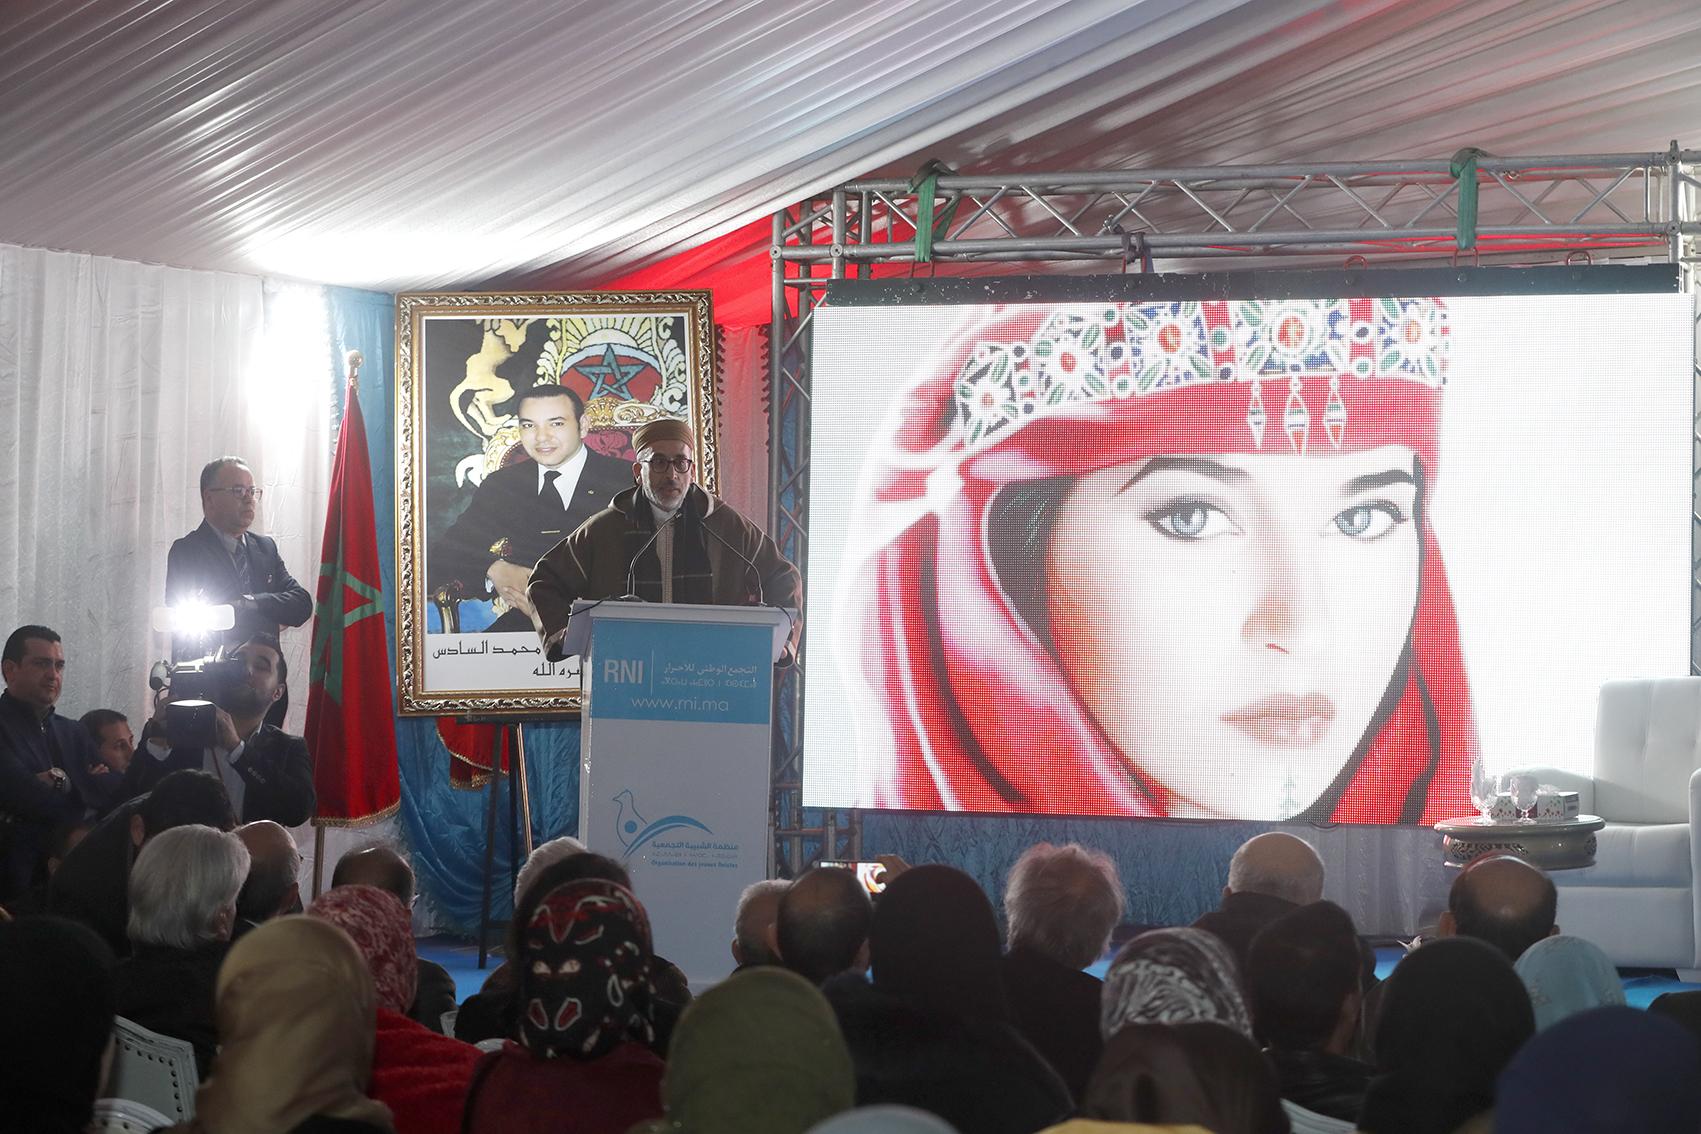 قيادات 'التجمع' تحتفل بالسنة الأمازيغية بالناظور وتُعلنُ وضع مشروع قانون لإقرارها عيداً وطنياً